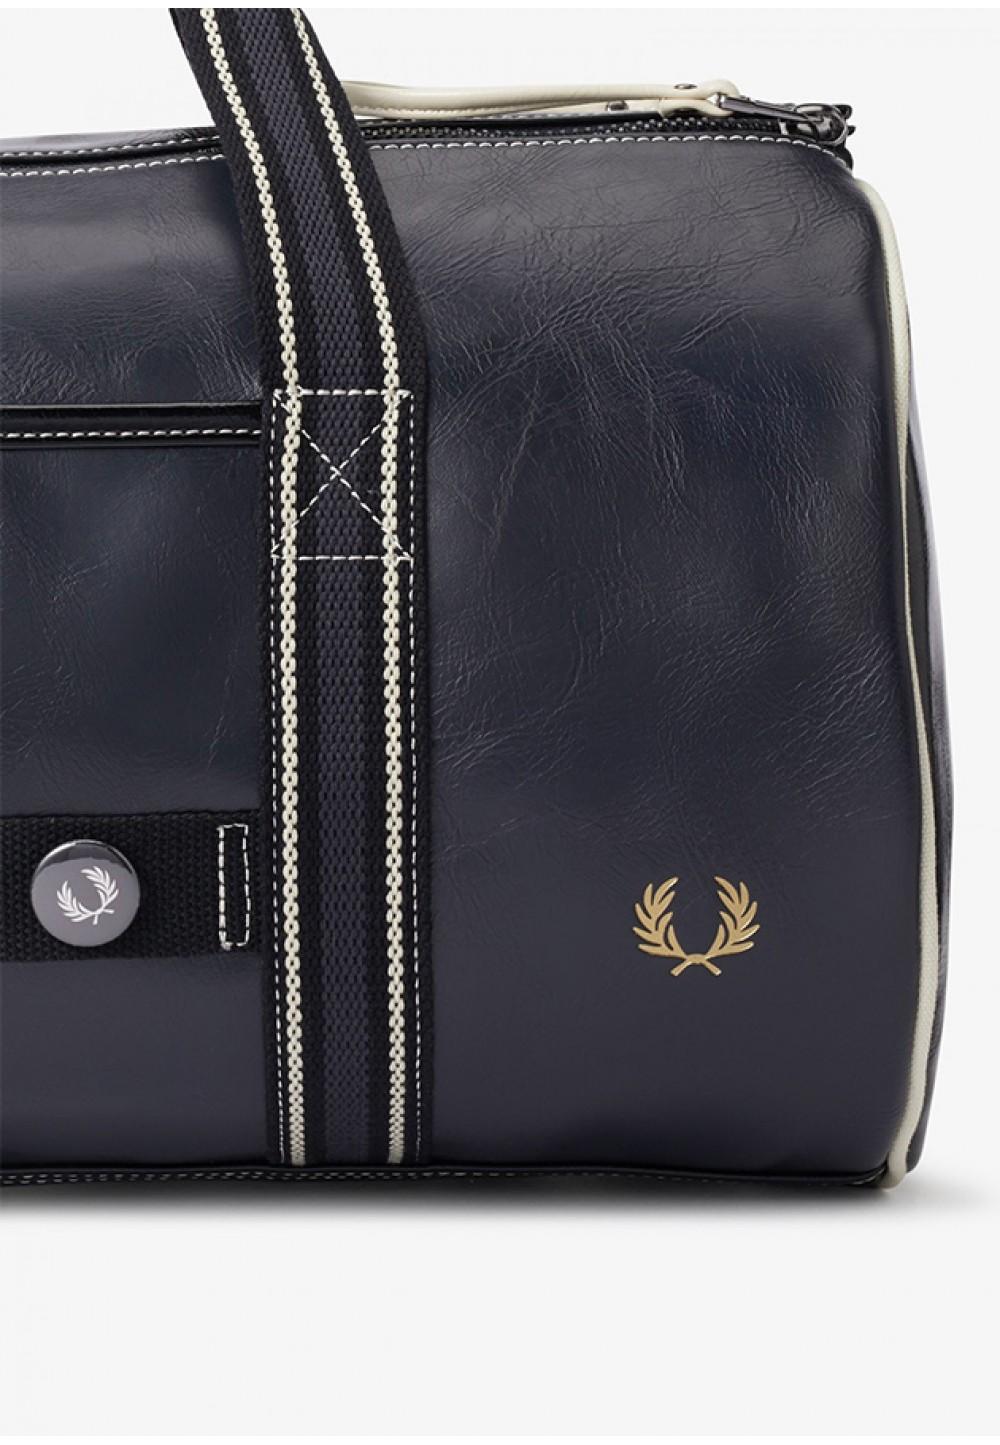 Сумка-бочонок черного цвета с логотипом